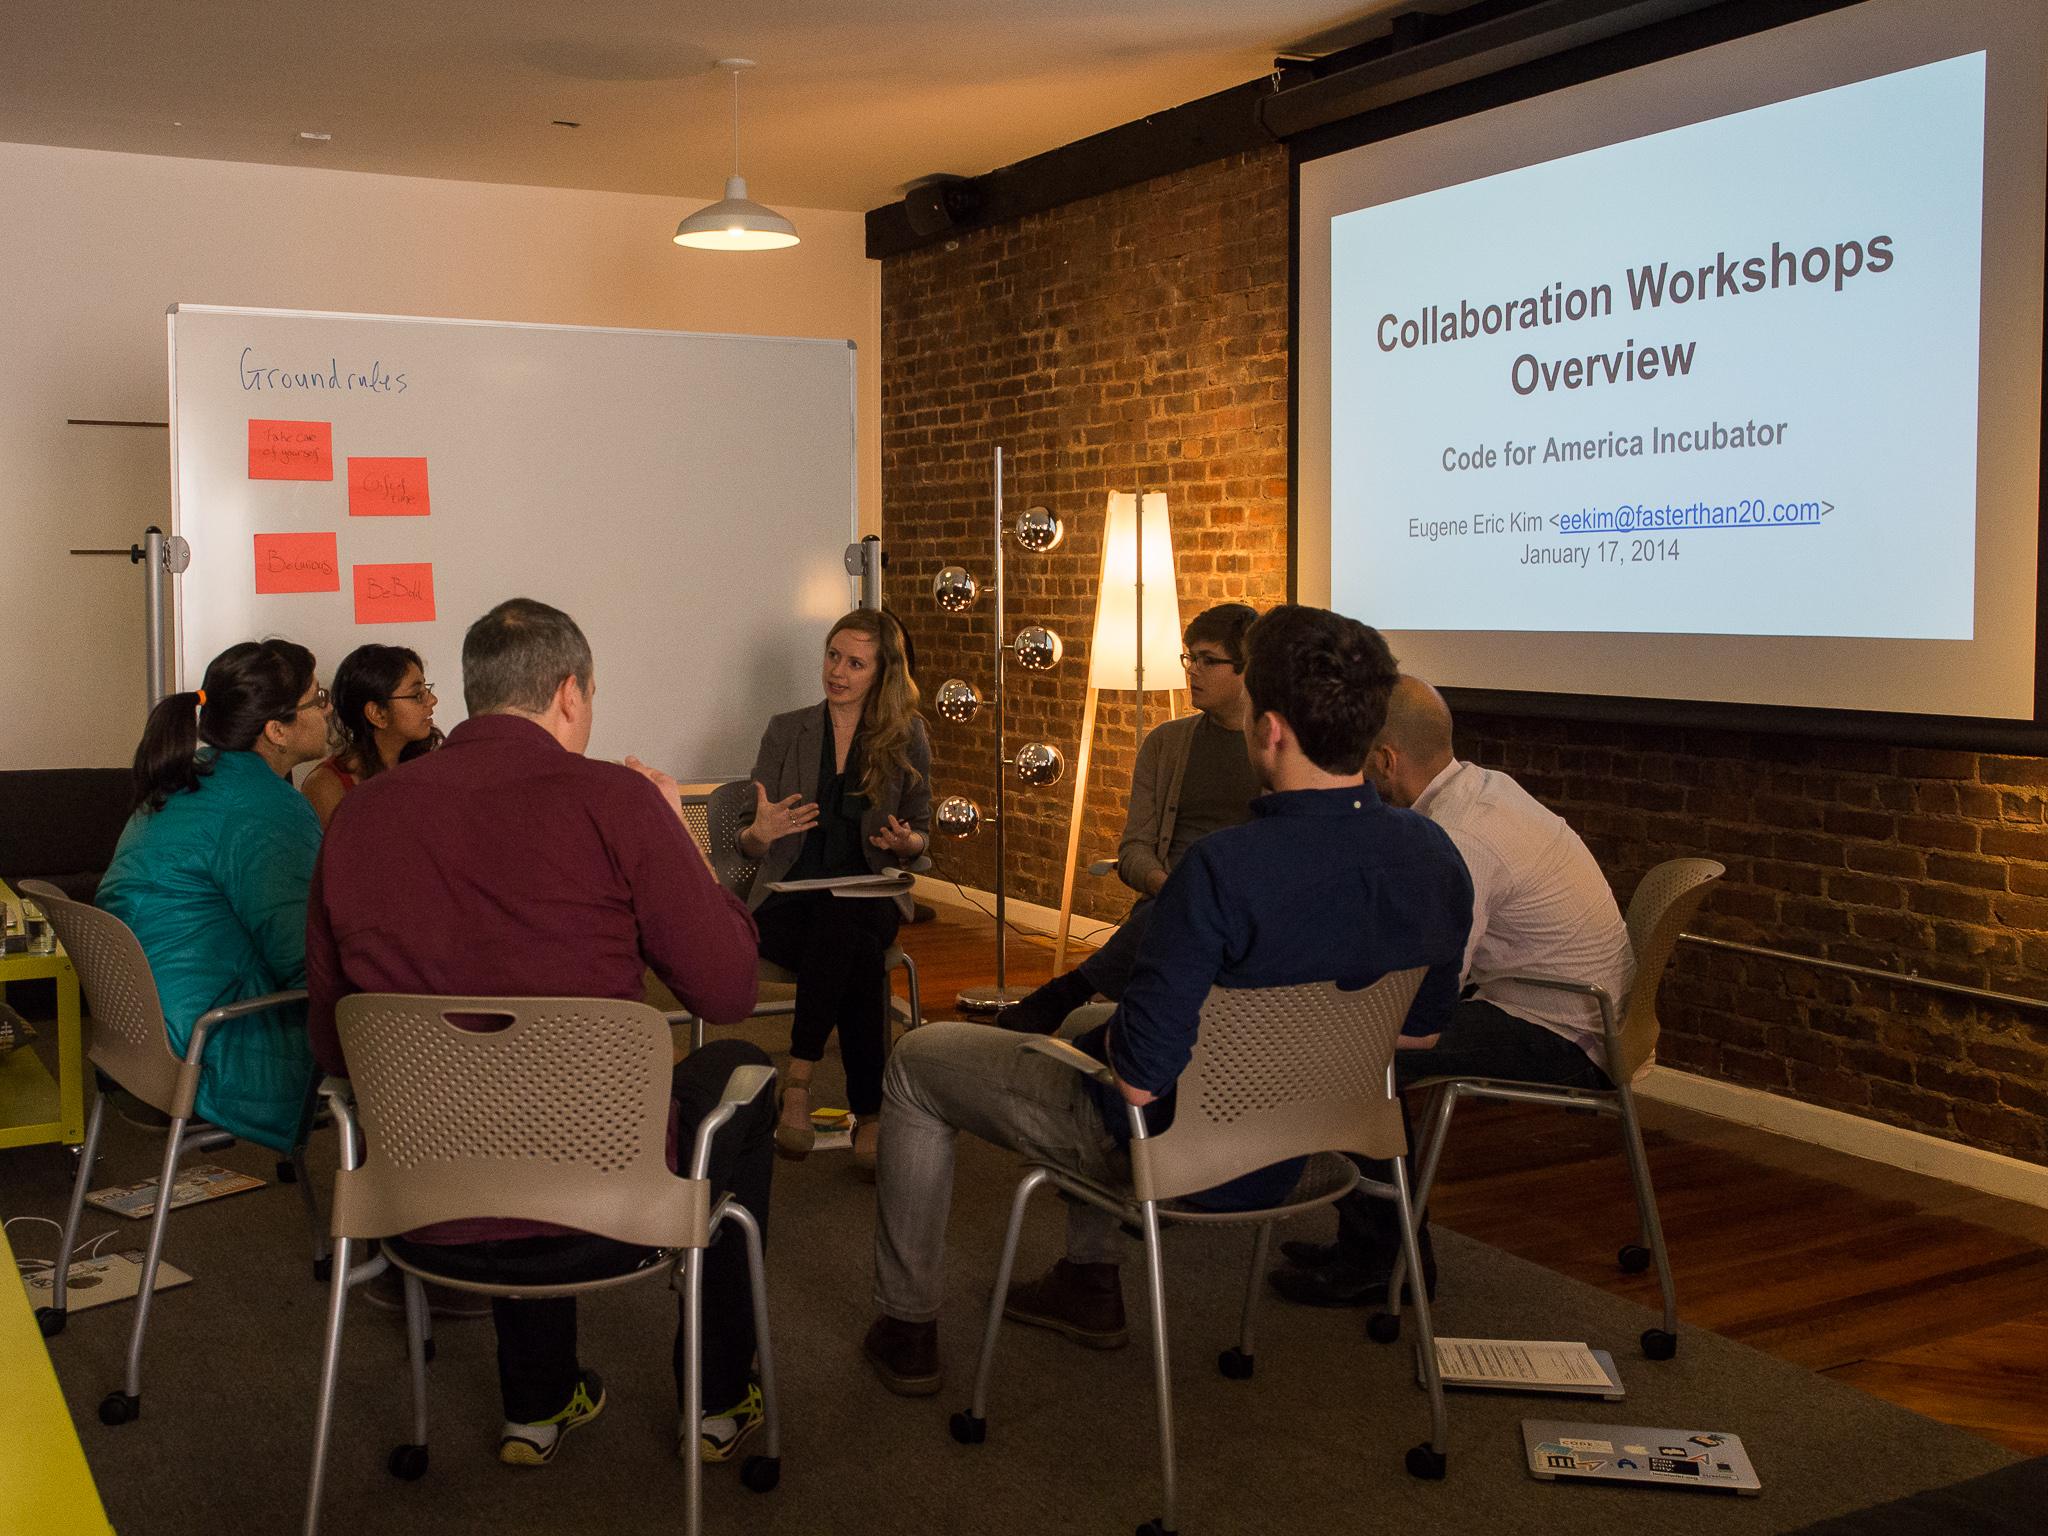 Startup Habits Workshop at Code for America